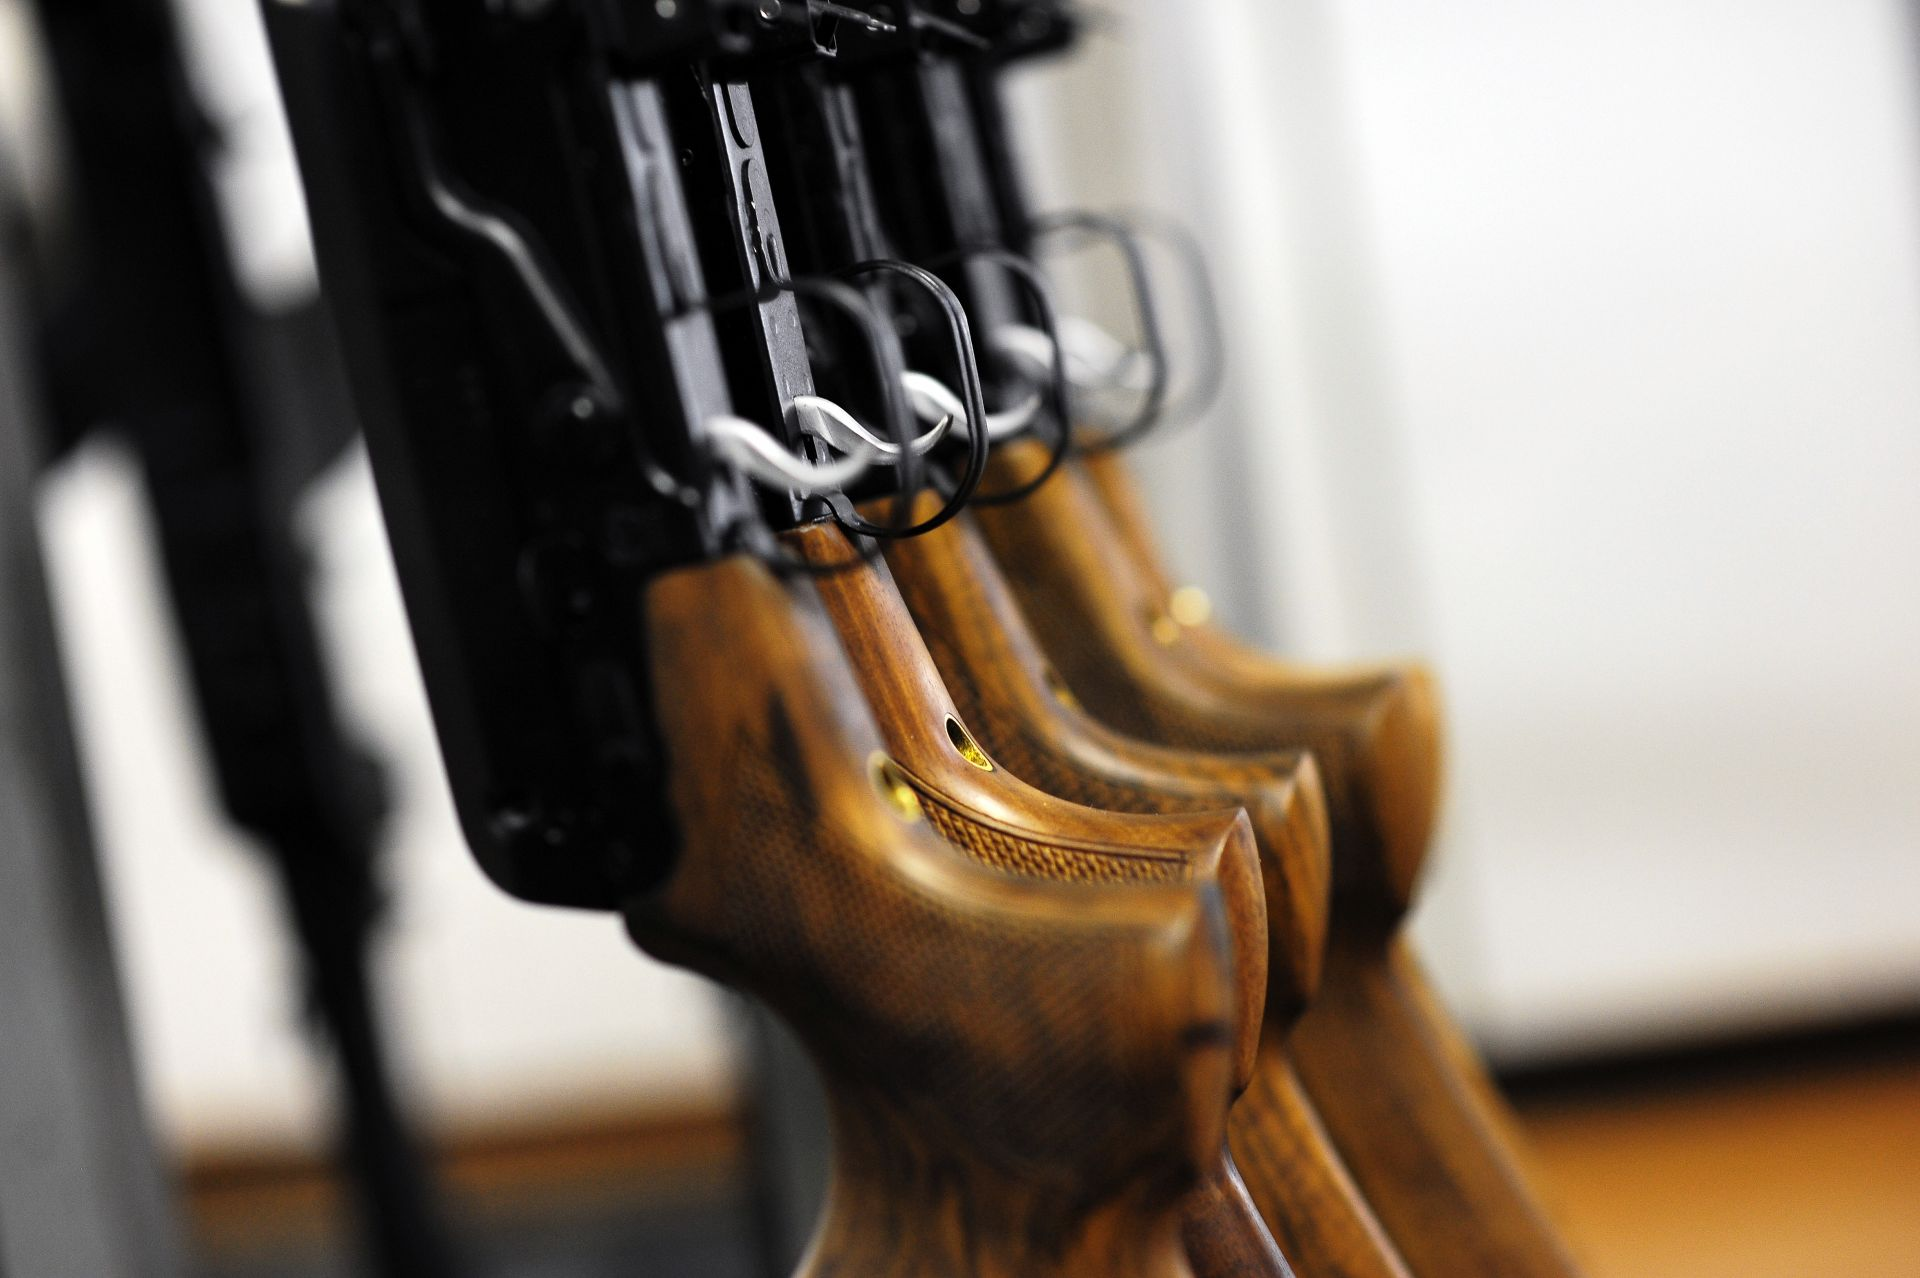 7/10. Упркос снажној конкуренцији врхунских совјетских произвођача лаког наоружања, прототип који је израдио Калашњиков доспео је у други круг надметања, а на крају и до завршног тестирања.